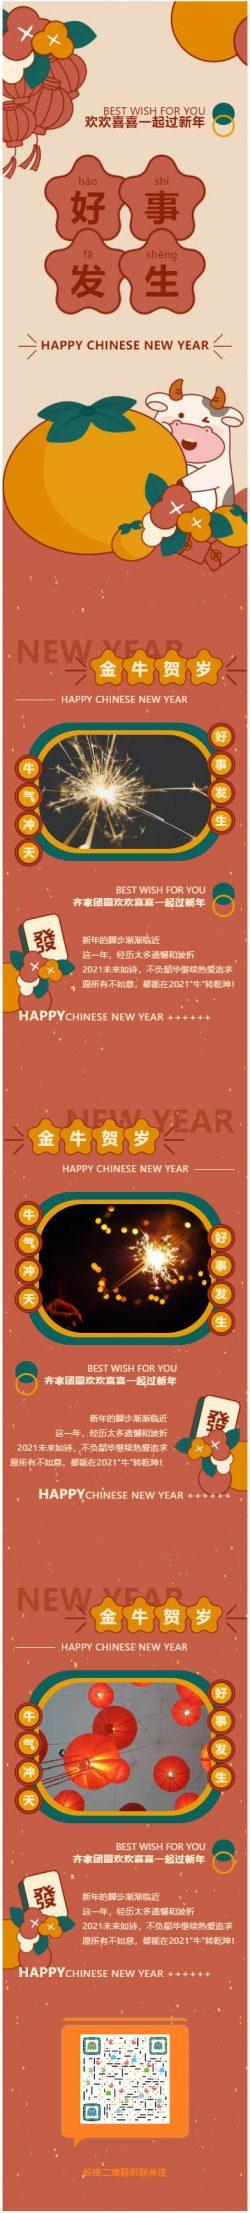 新年新春新年岁旦中国年除夕春节微信公众号推文模板推送图文素材